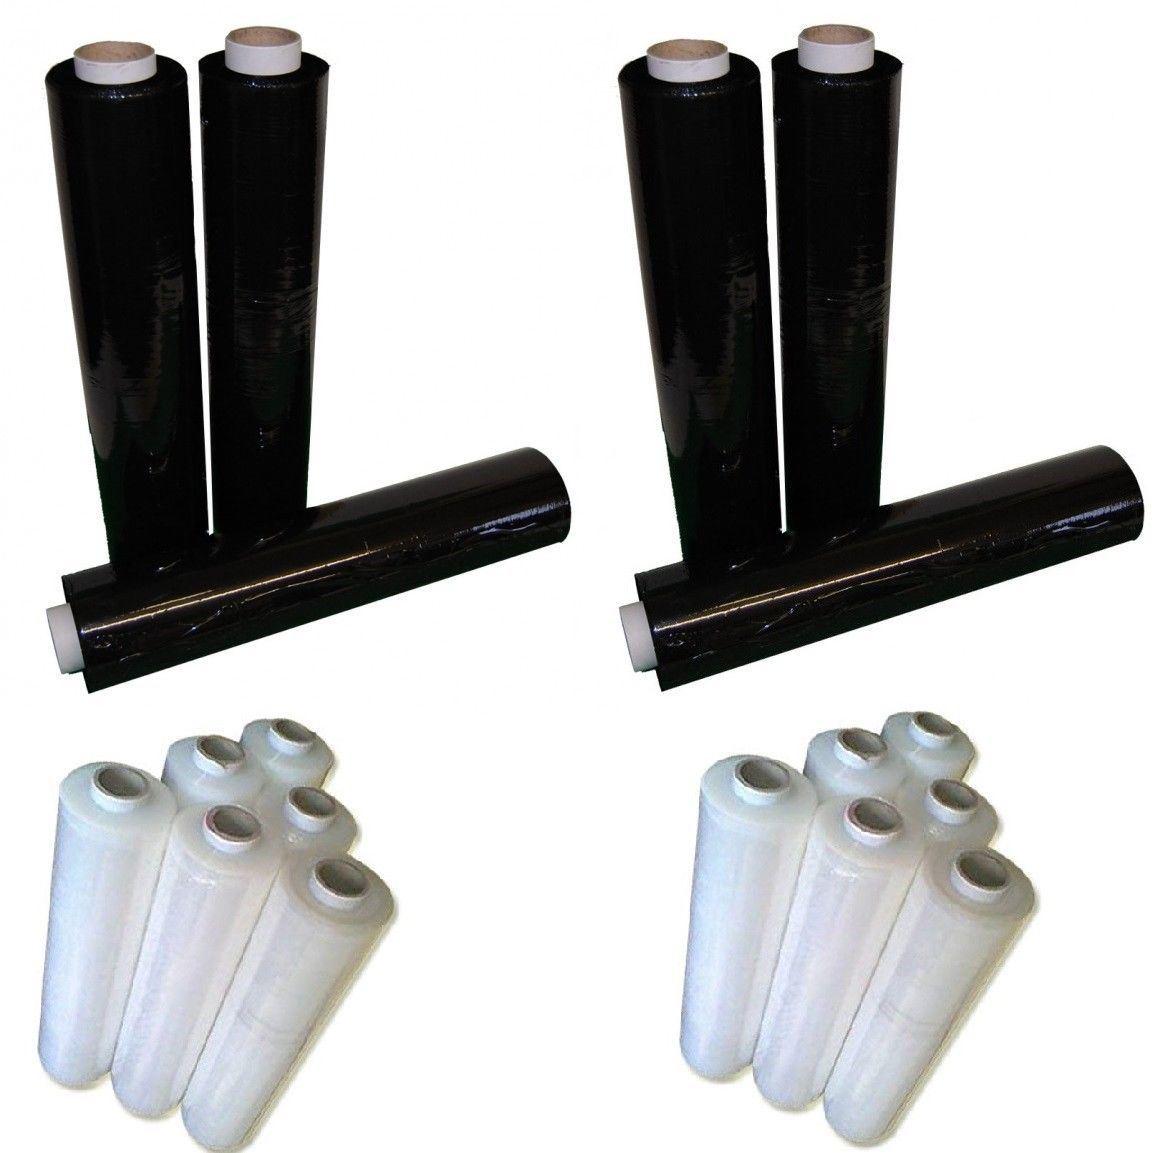 Freier und schwarzer Ladeplatten-Verpackungs-Form-Ausdehnungs-Hochleistungsfilm 500mm*300m*23mu